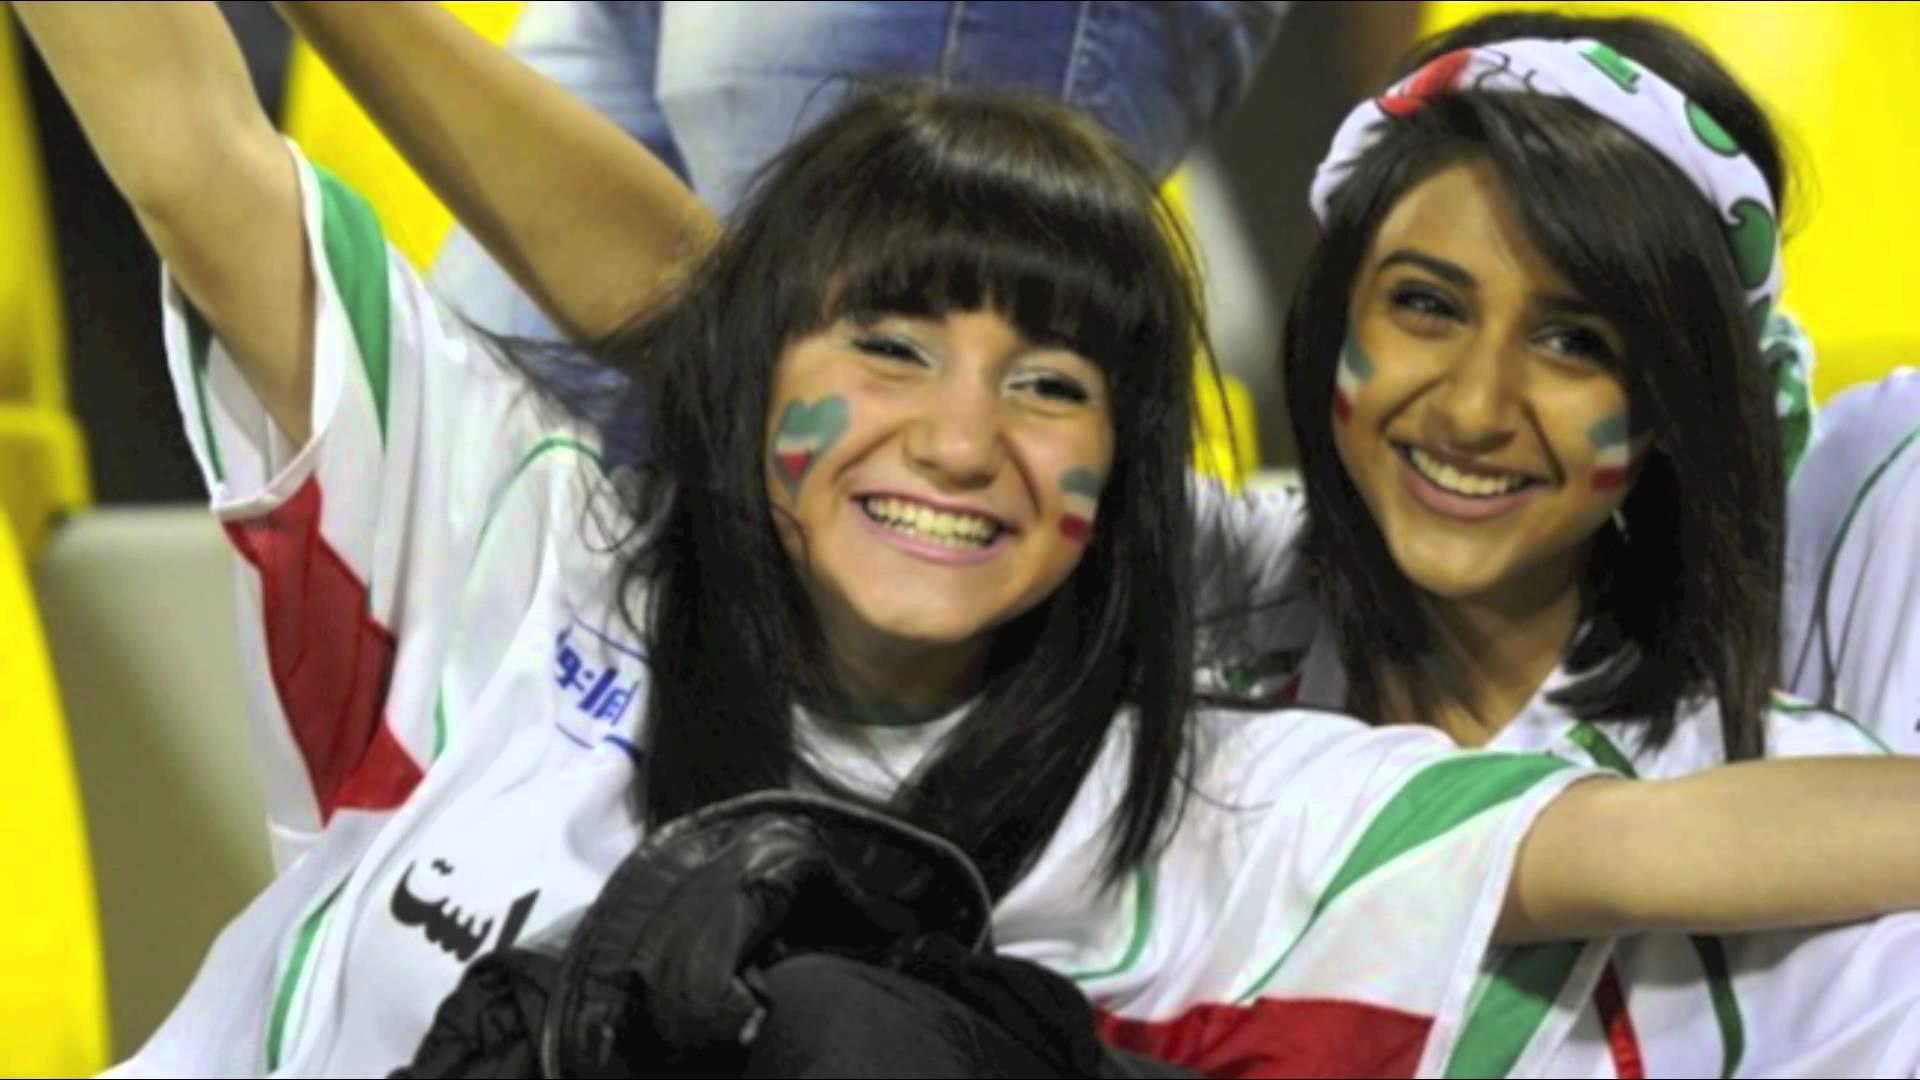 بالصور اجمل الايرانيات , اجمل البنات الايرانيات على الاطلاق 5153 5